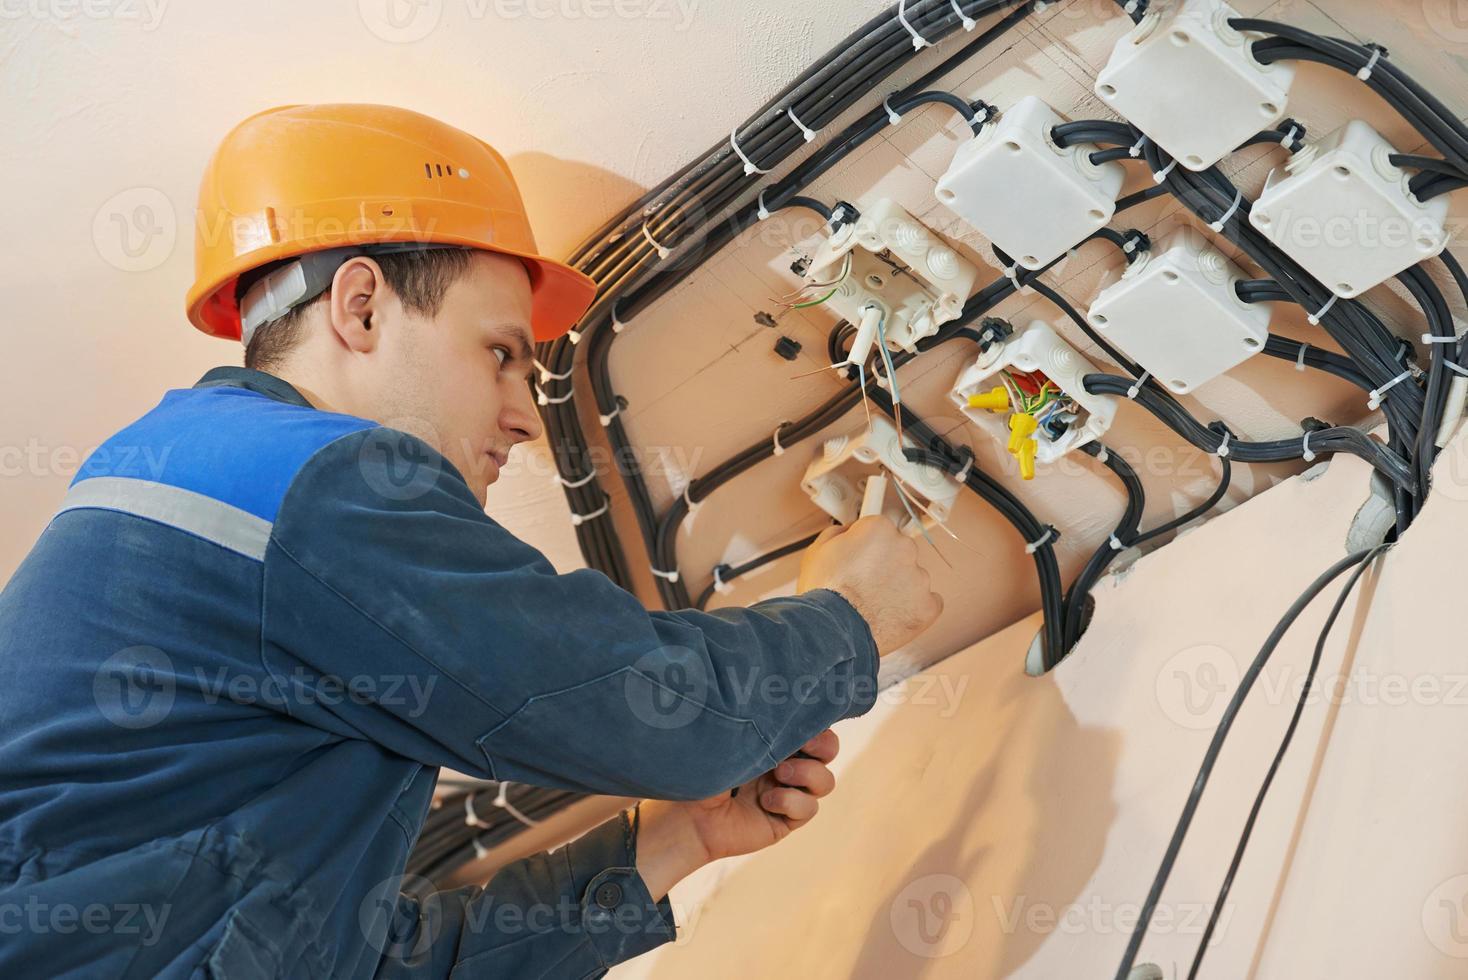 électricien travaille avec un réseau électrique photo